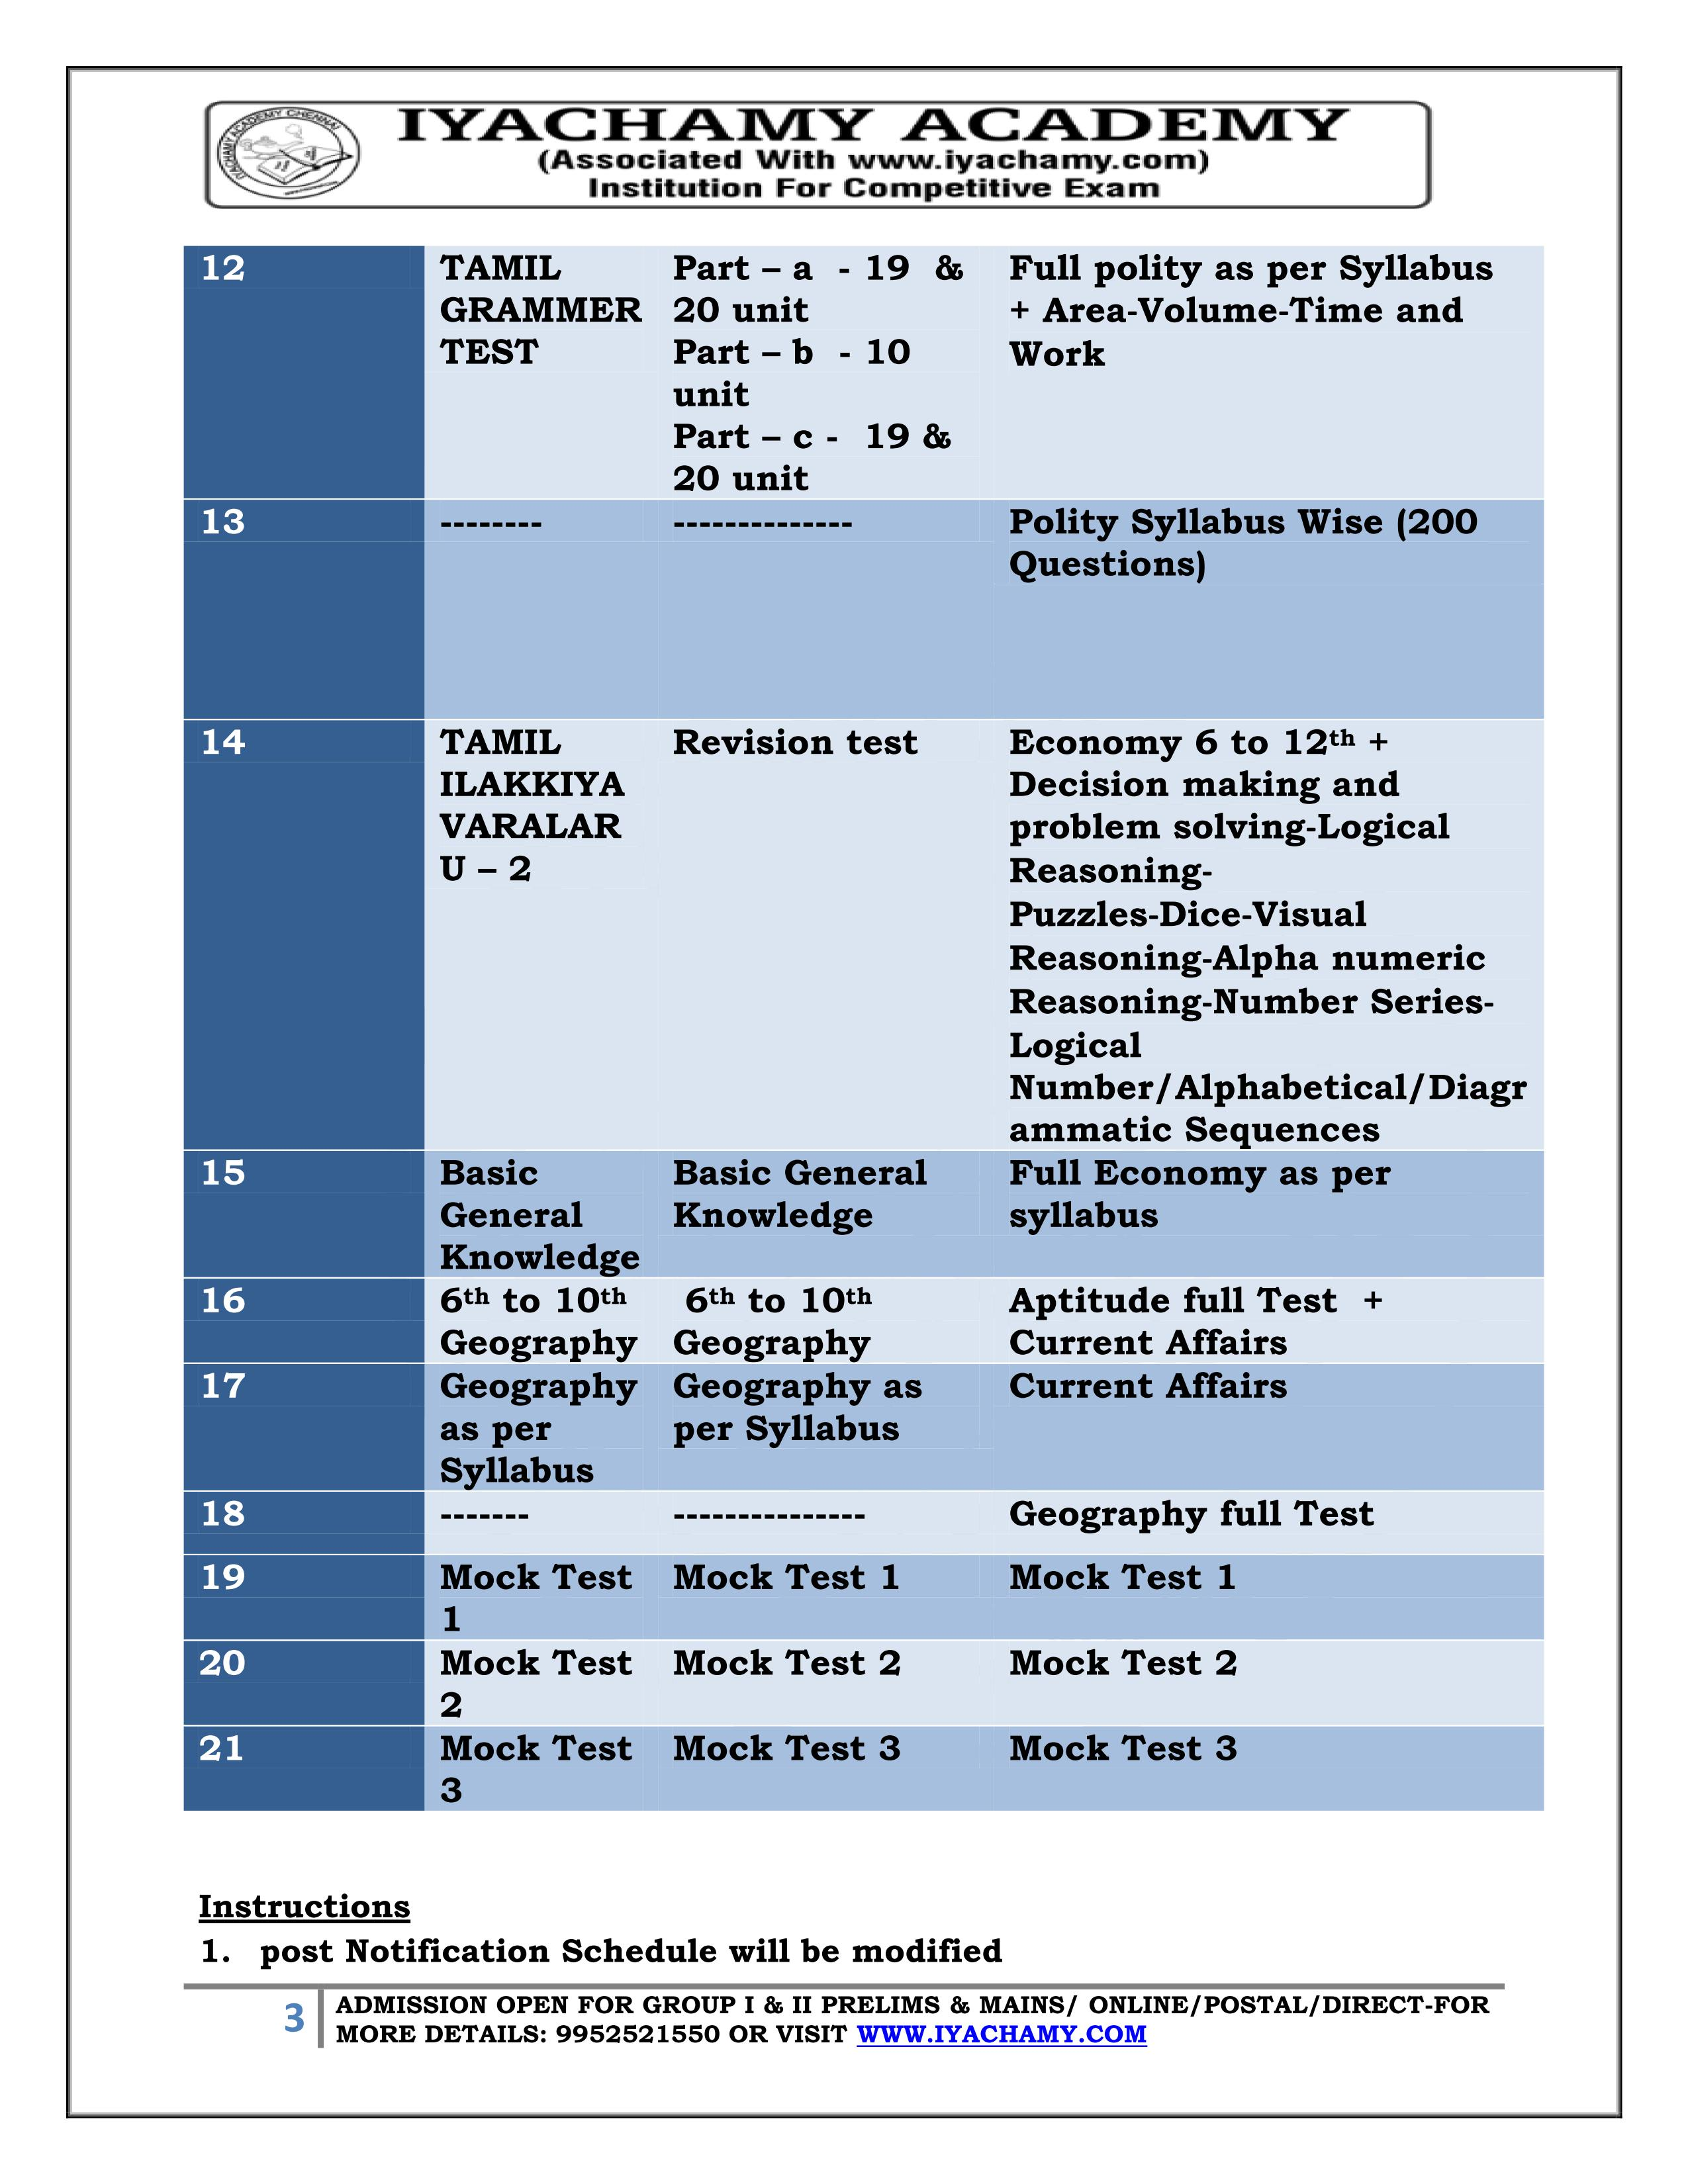 குருப் 2 முதனிலைத்தேர்வு மற்றும் முதன்மைத் தேர்வு  பாடத்திட்டம் மற்றும் படிக்க வேண்டிய புத்தகங்கள்